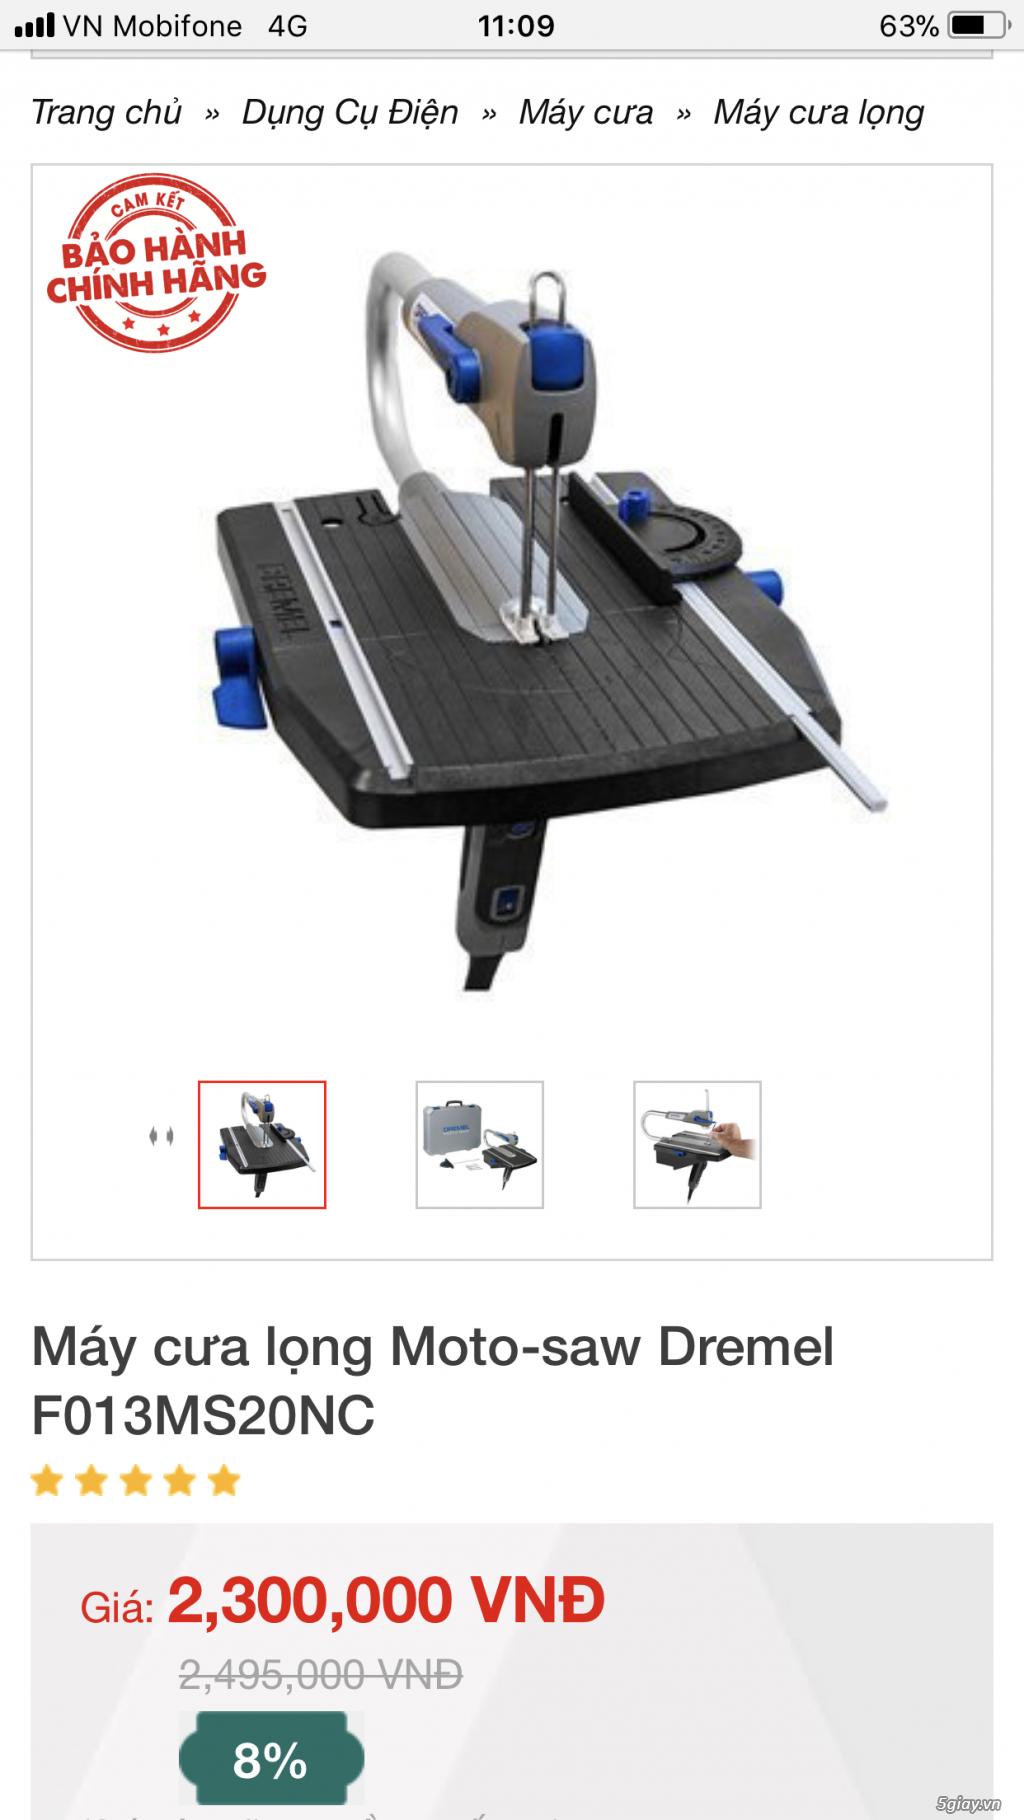 Máy cưa lọng Moto-saw Dremel F013MS20NC - 4